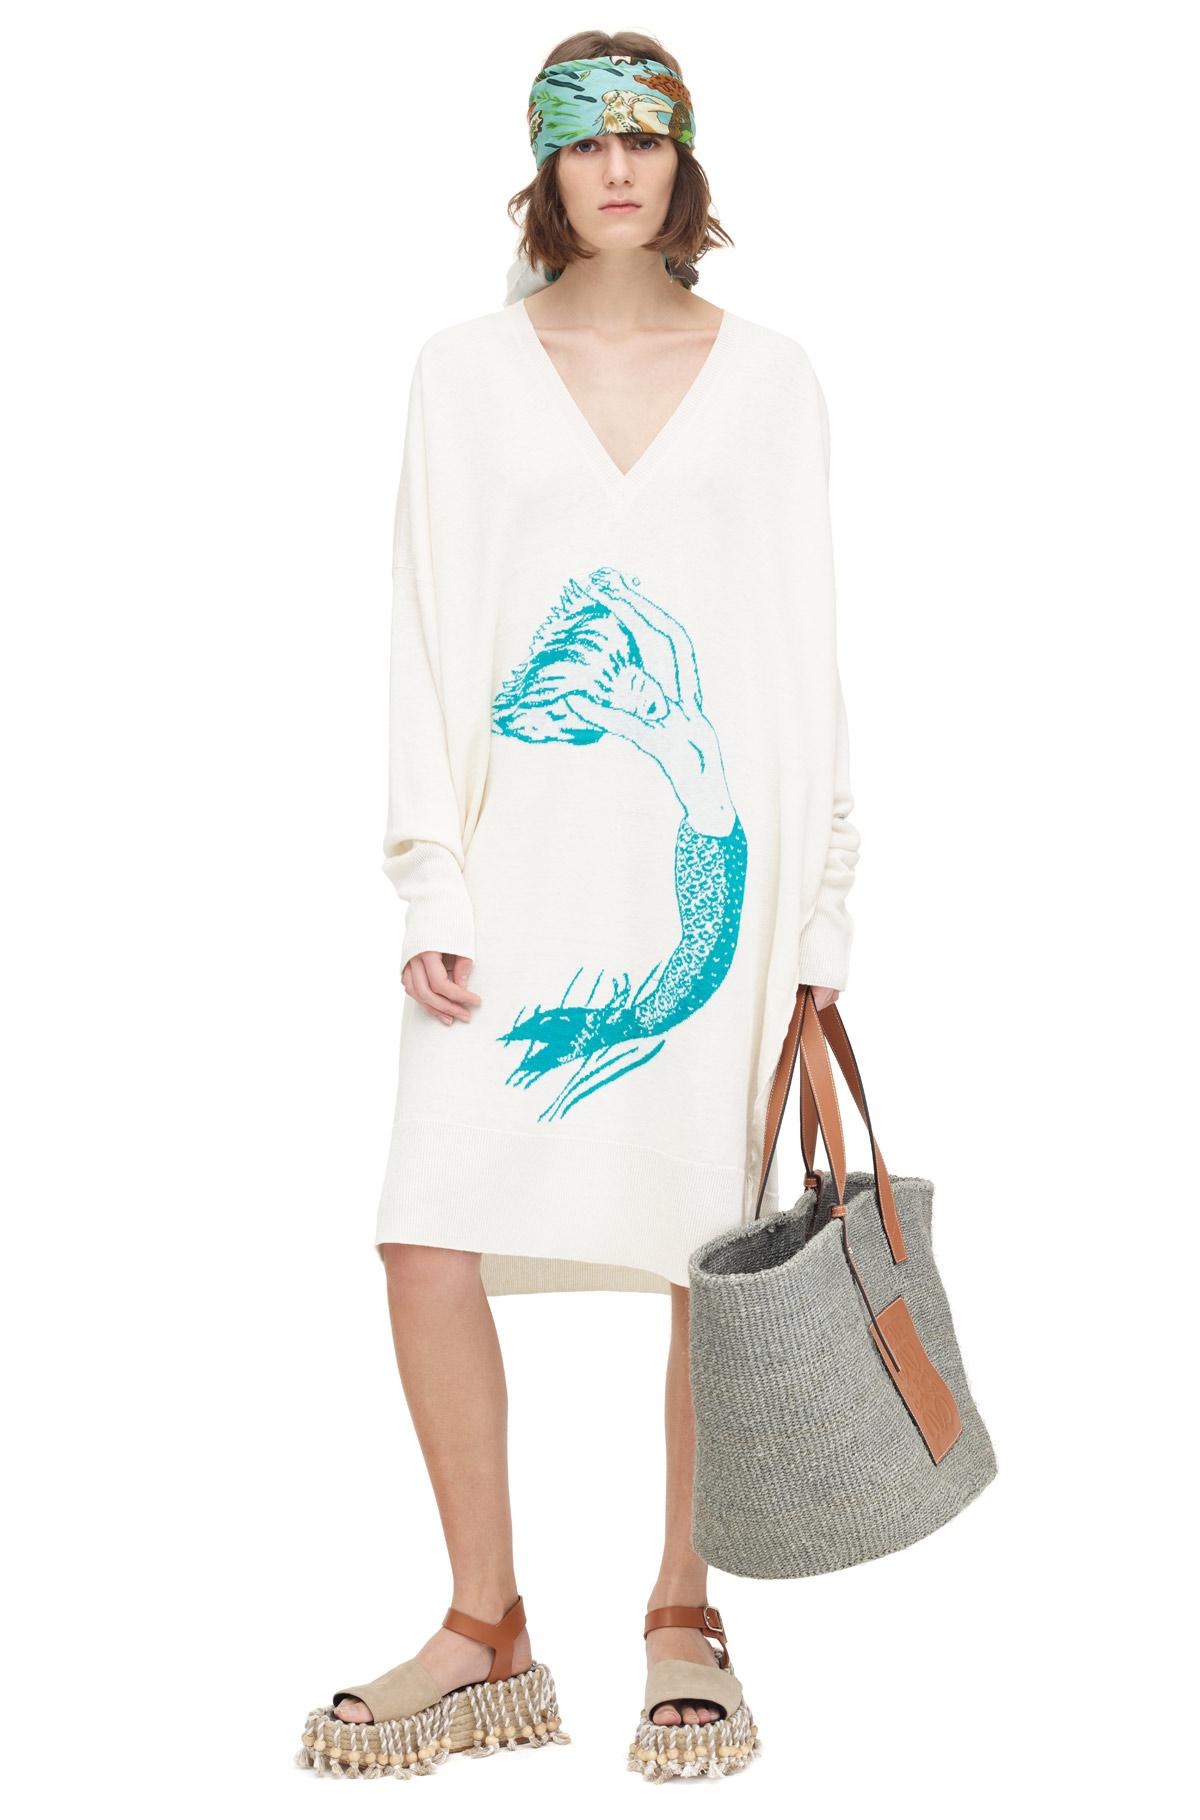 LOEWE V Neck Sweater Paula Mermaid White/Turquoise front